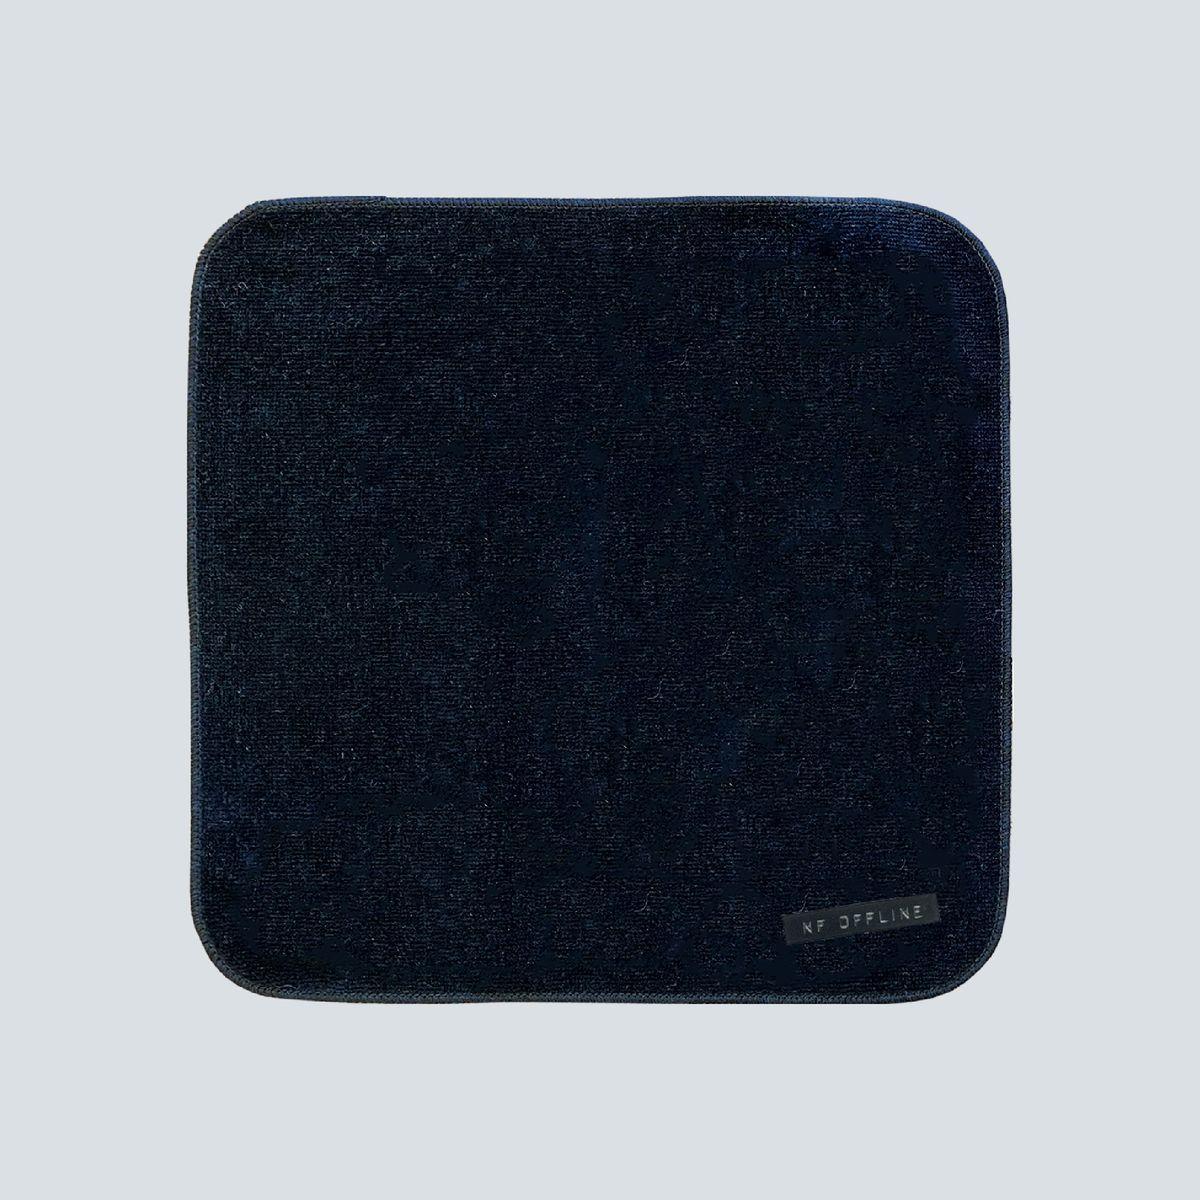 NF OFFLINE FLUTECT HAND TOWEL